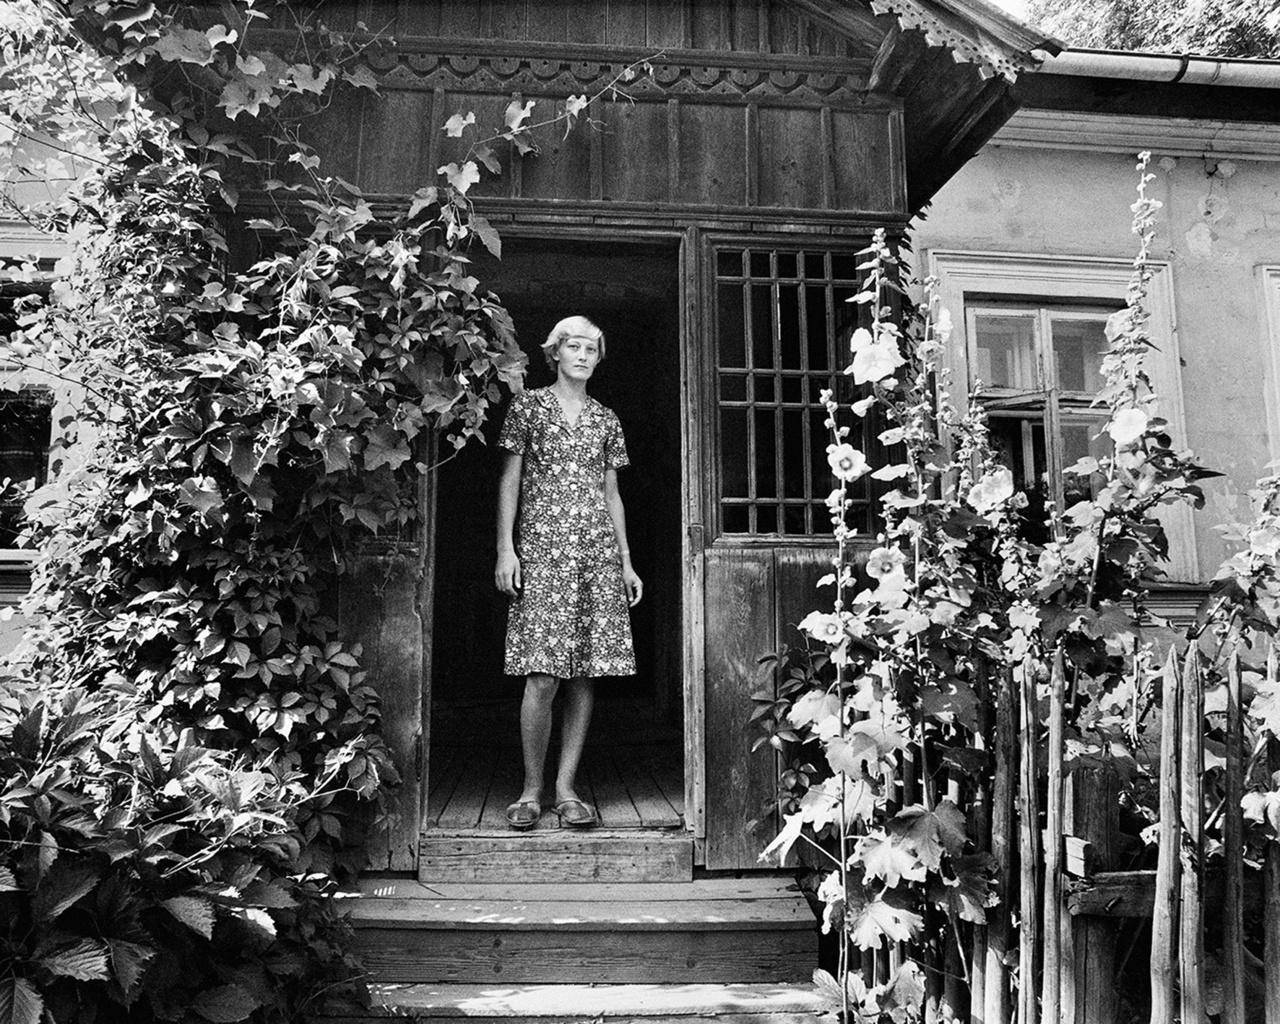 Az Asszonyok a küszöbön sorozat jelentette a dokumentarista projekt harmadik oszlopát. Háziasszonyok, munkásnők, parasztasszonyok otthonuk bejáratánál - Rydetet különösen érdekelte az a néhány jellegzetes póz, amit az asszonyok látszólag öntudatlanul felvettek, miközben portrét készített róluk.